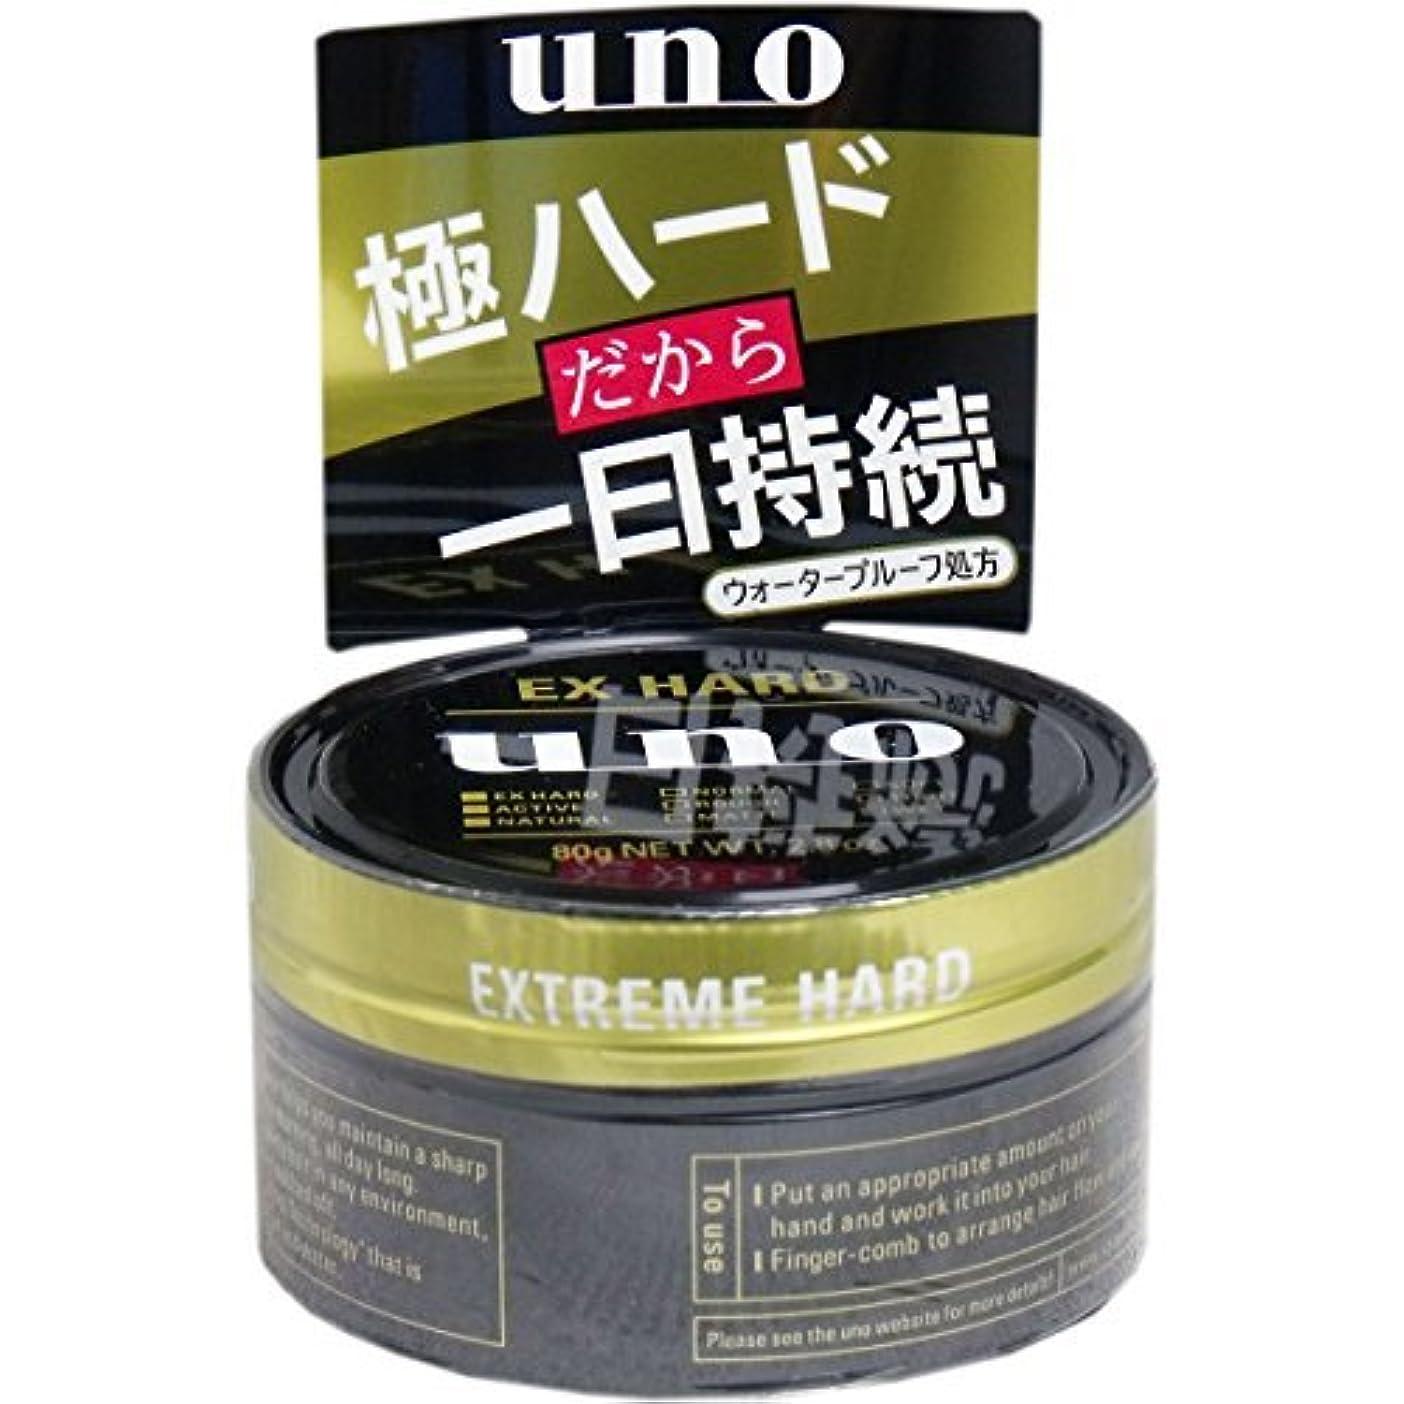 タンパク質ボウル南方のUNO(ウーノ) エクストリームハード 整髪料 80g